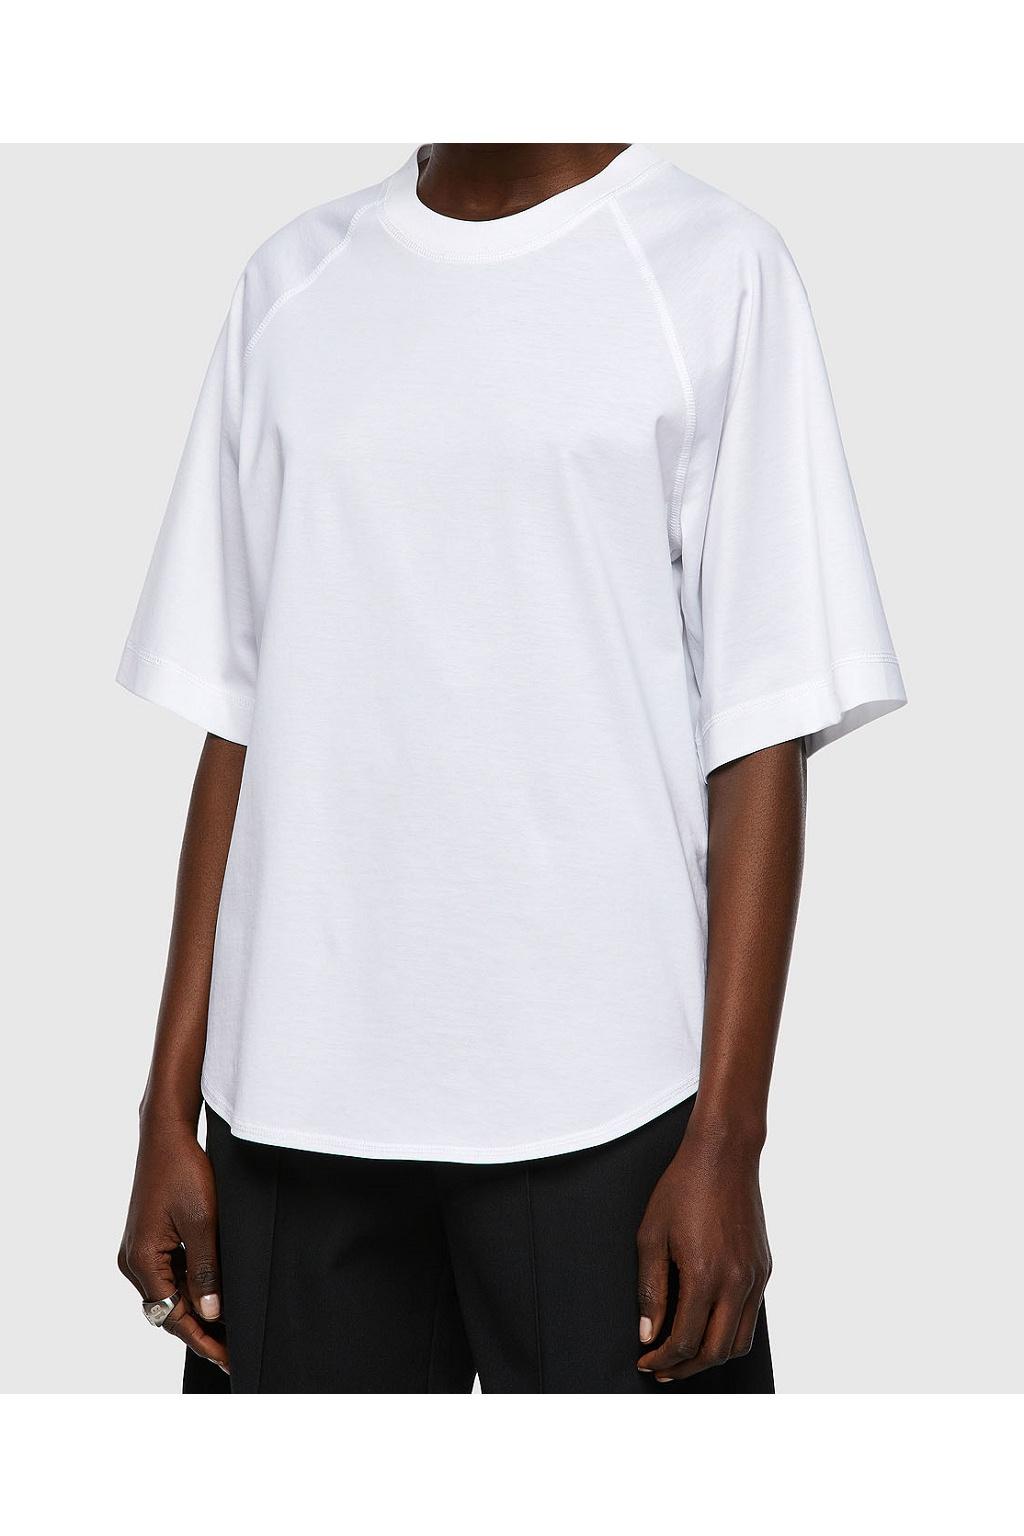 Dámské tričko Diesel T Spok C bílé